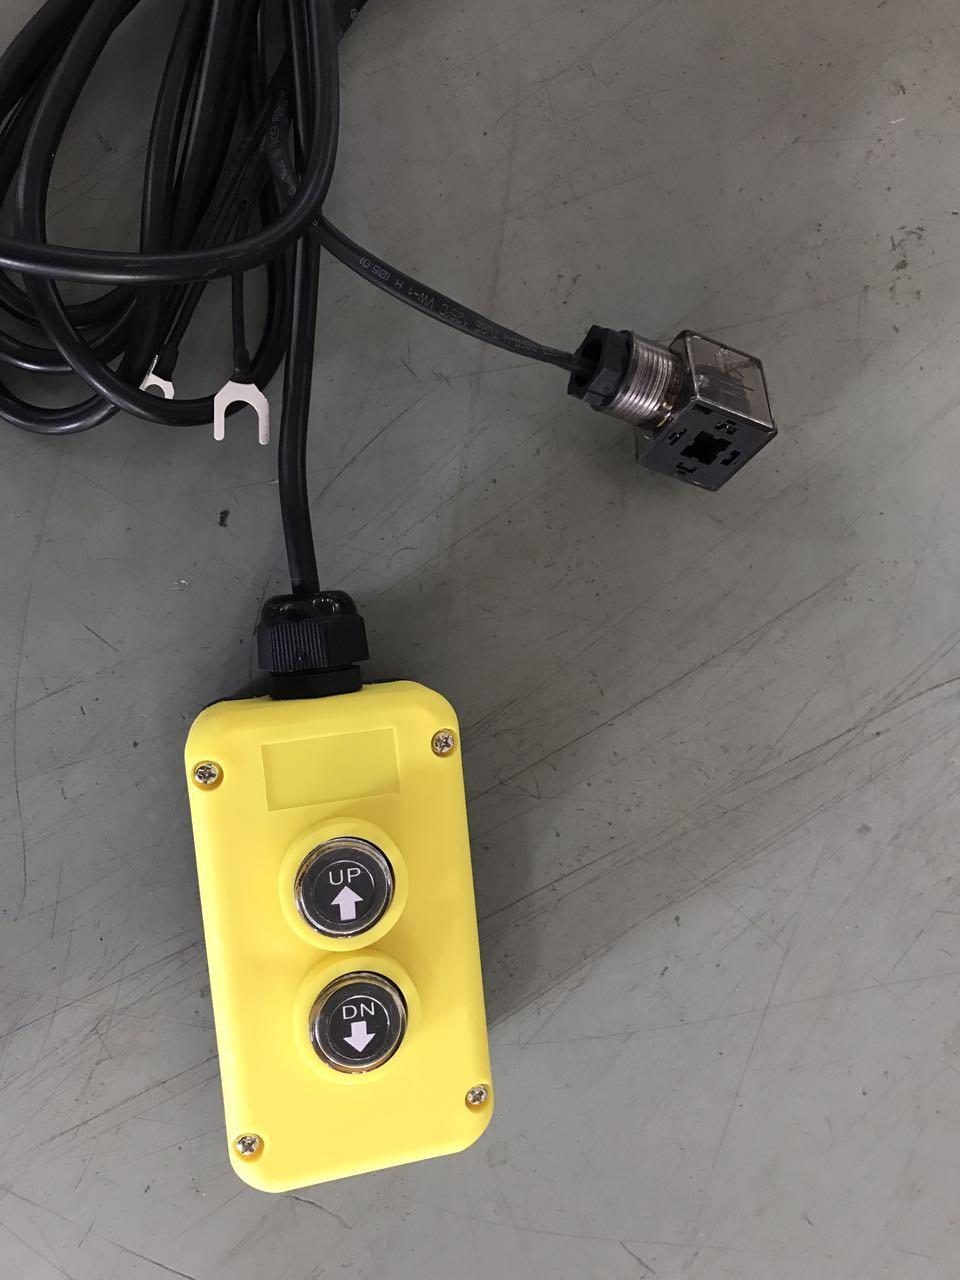 Kg3 4 Meter 2 Button Remote